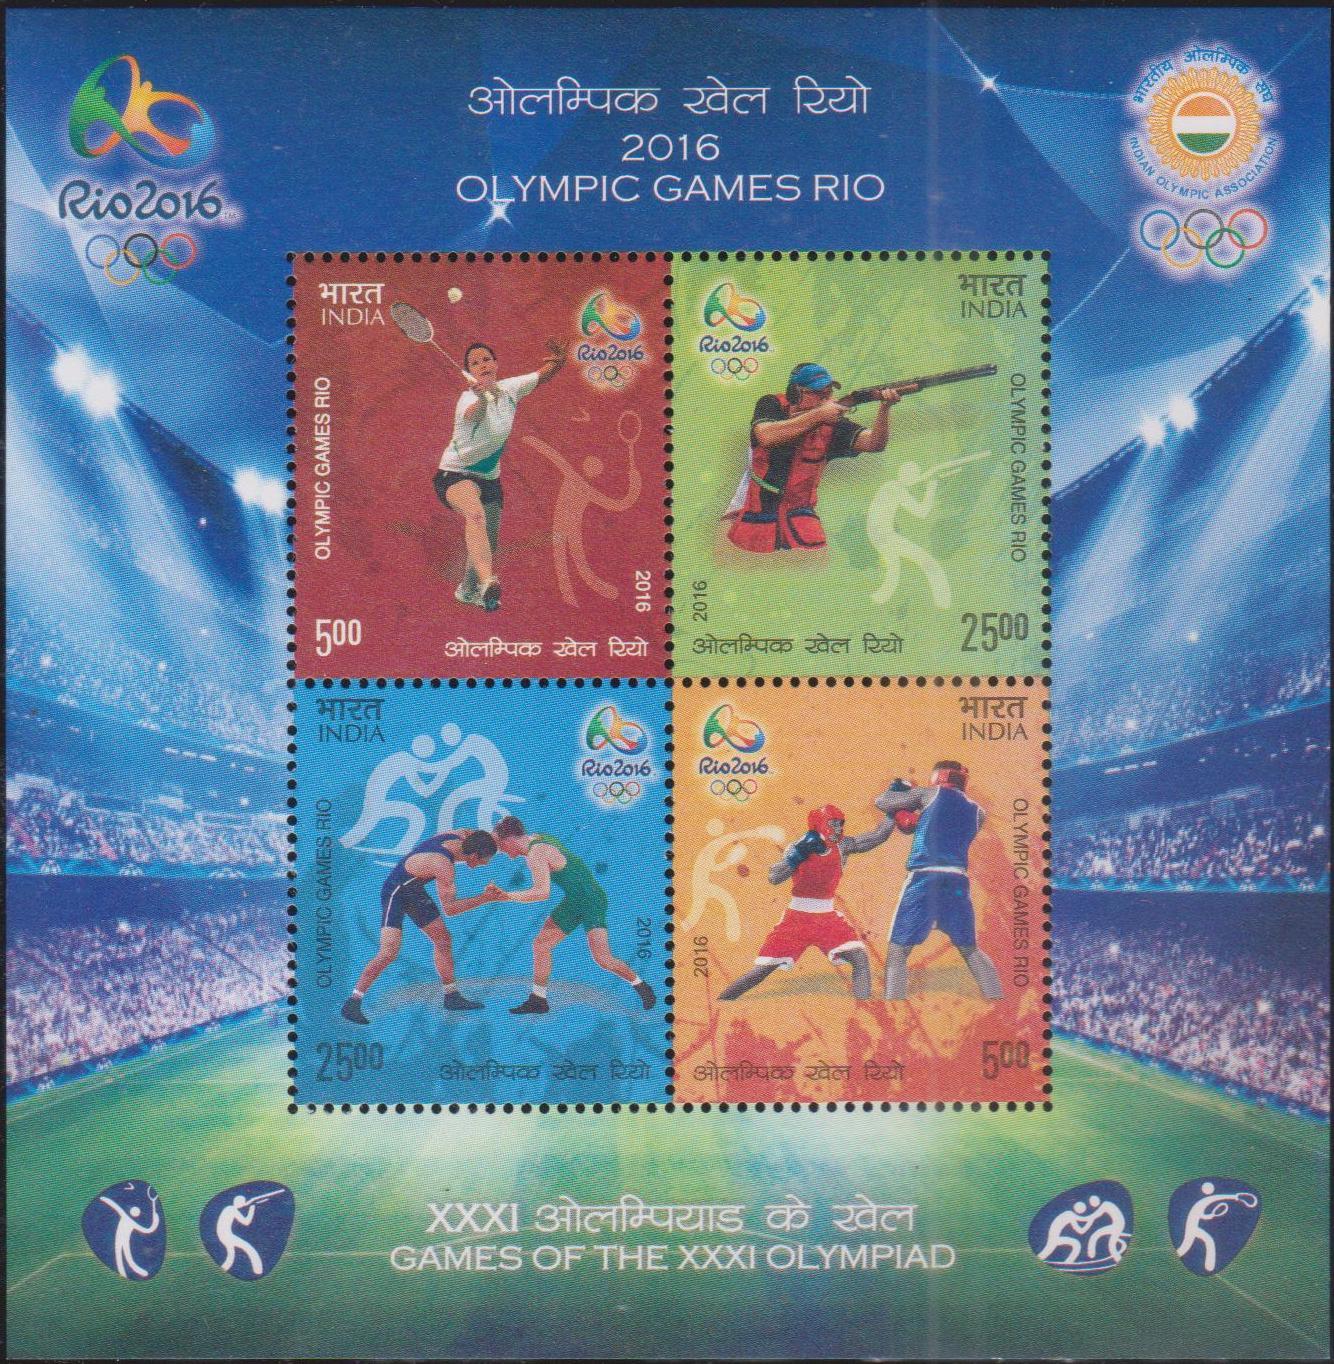 2016 Summer Olympics : XXXI Olympiad (Rio 2016)